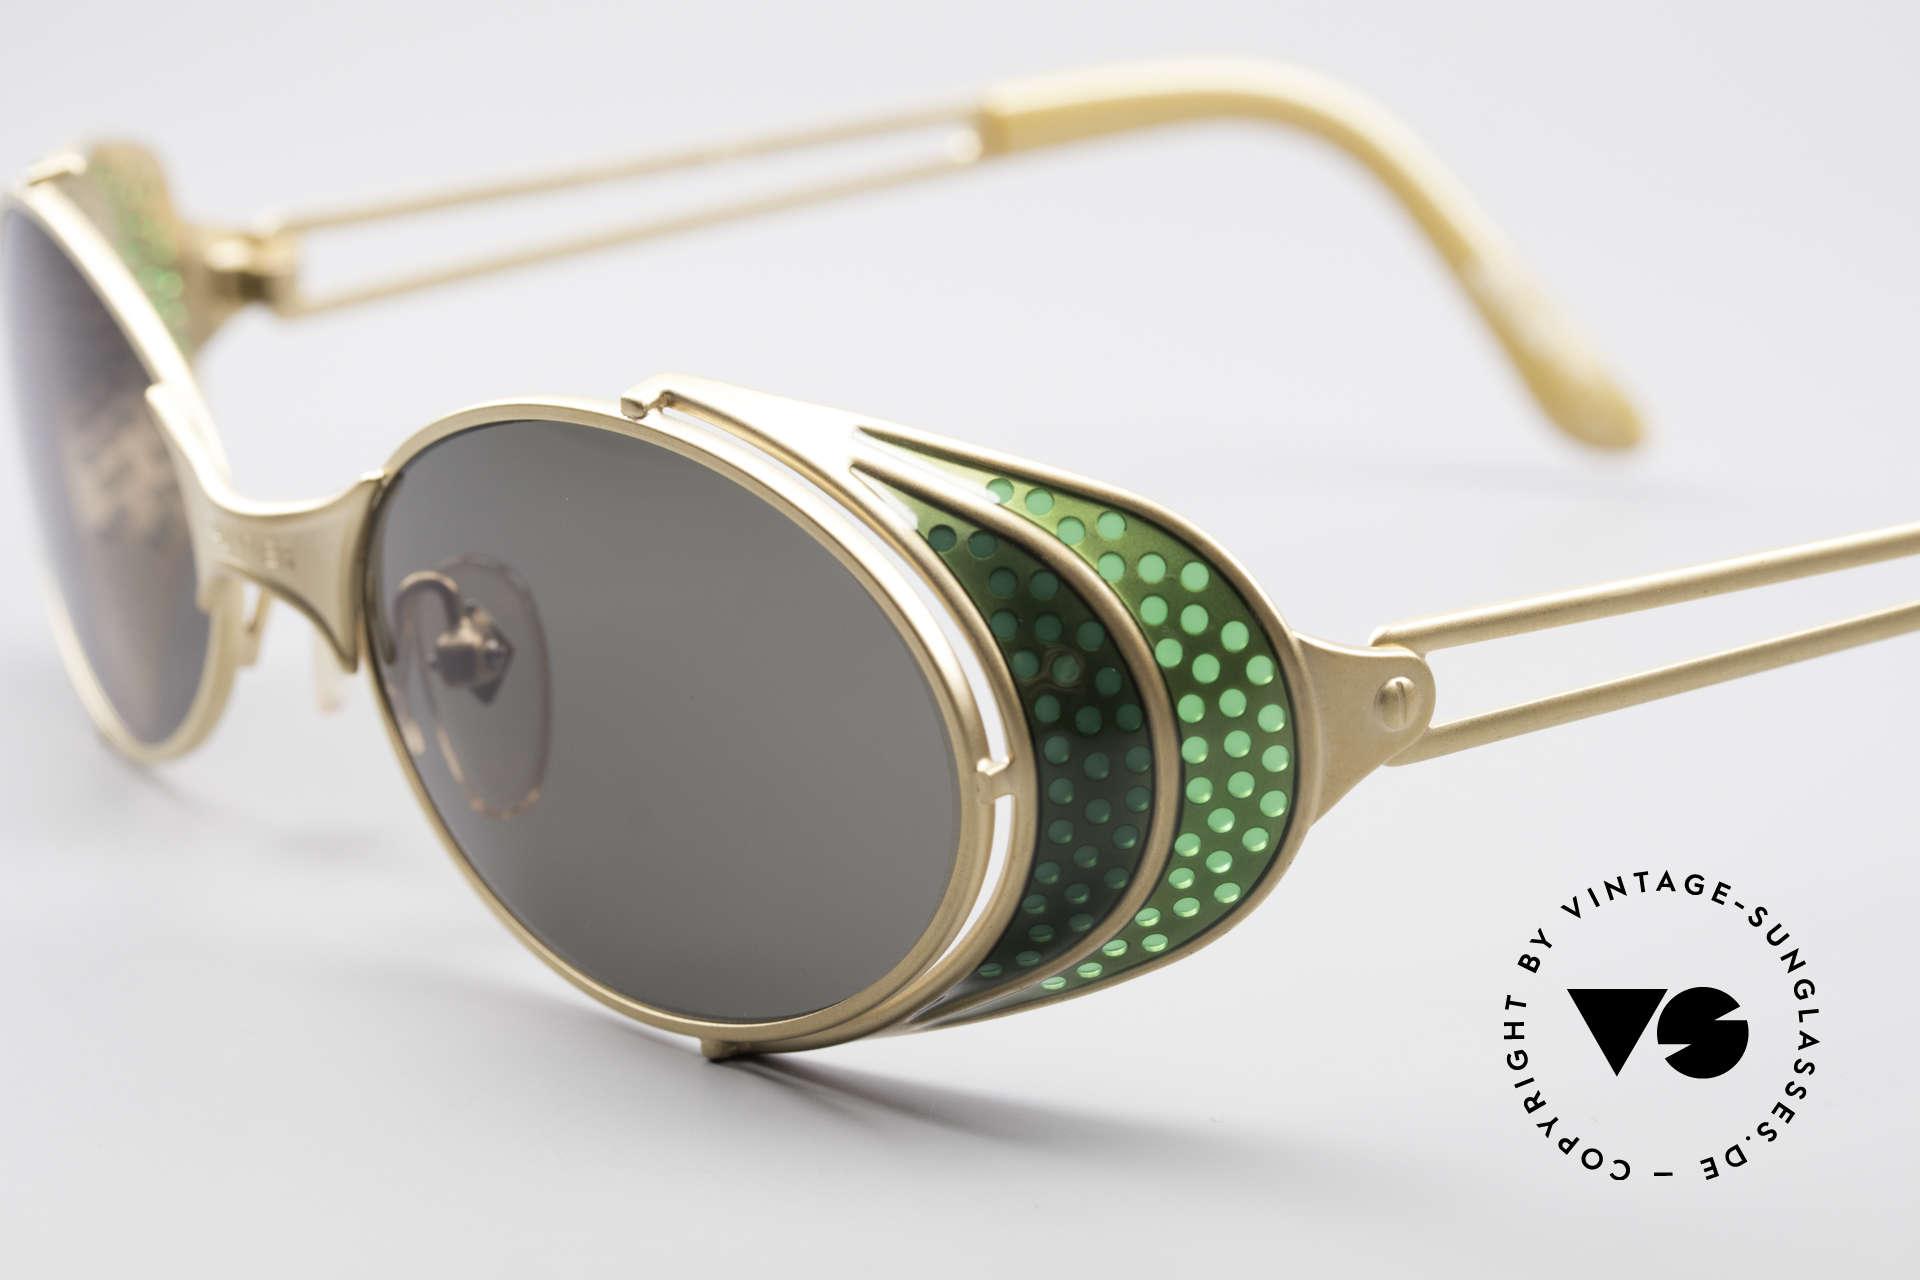 Jean Paul Gaultier 56-7109 Steampunk Sonnenbrille, also einer Sicht auf die Zukunft, aus einer früheren Zeit, Passend für Herren und Damen